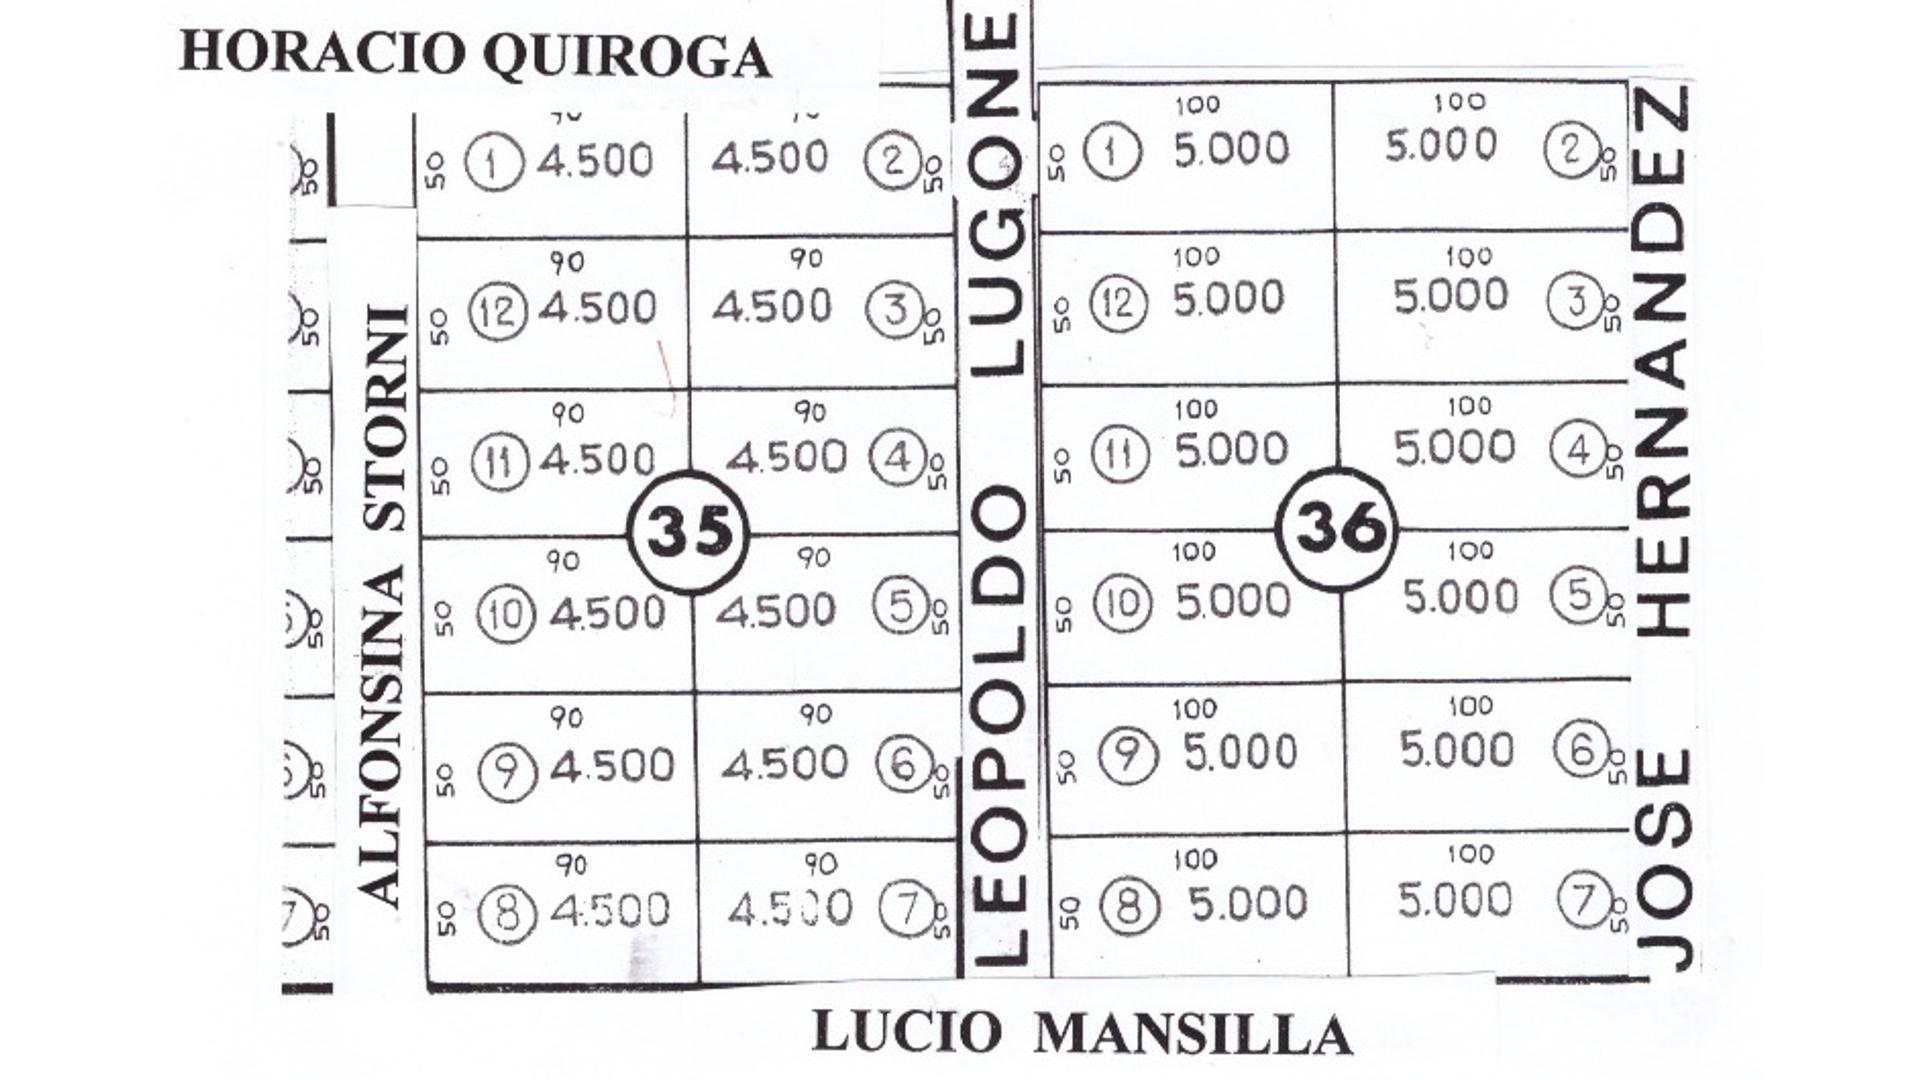 José Hernández 100 - U$D 32.000 - Campo en Venta